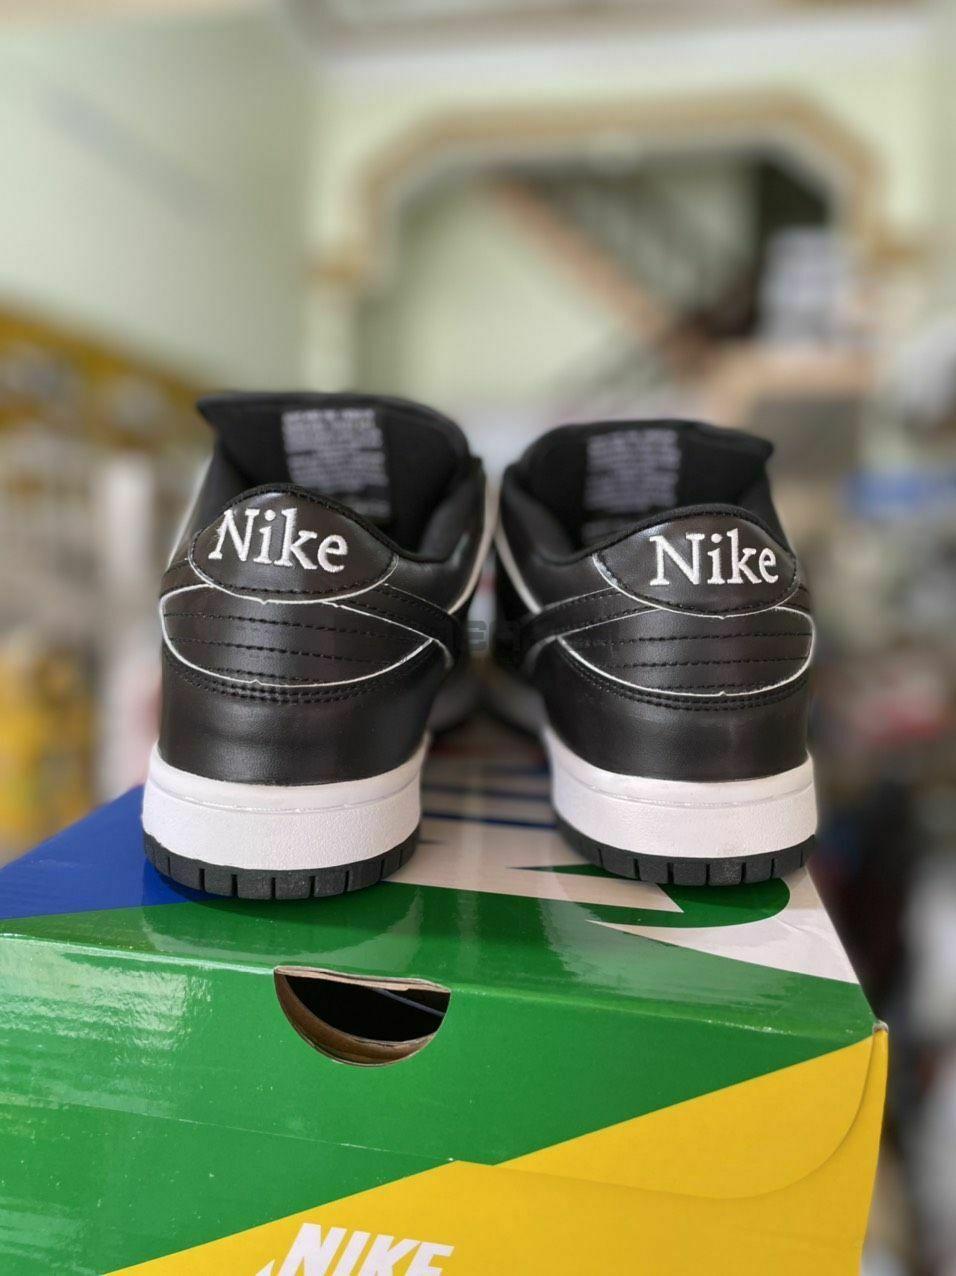 Nike Sb Dunk Low Civilist nhiệt đổi màu